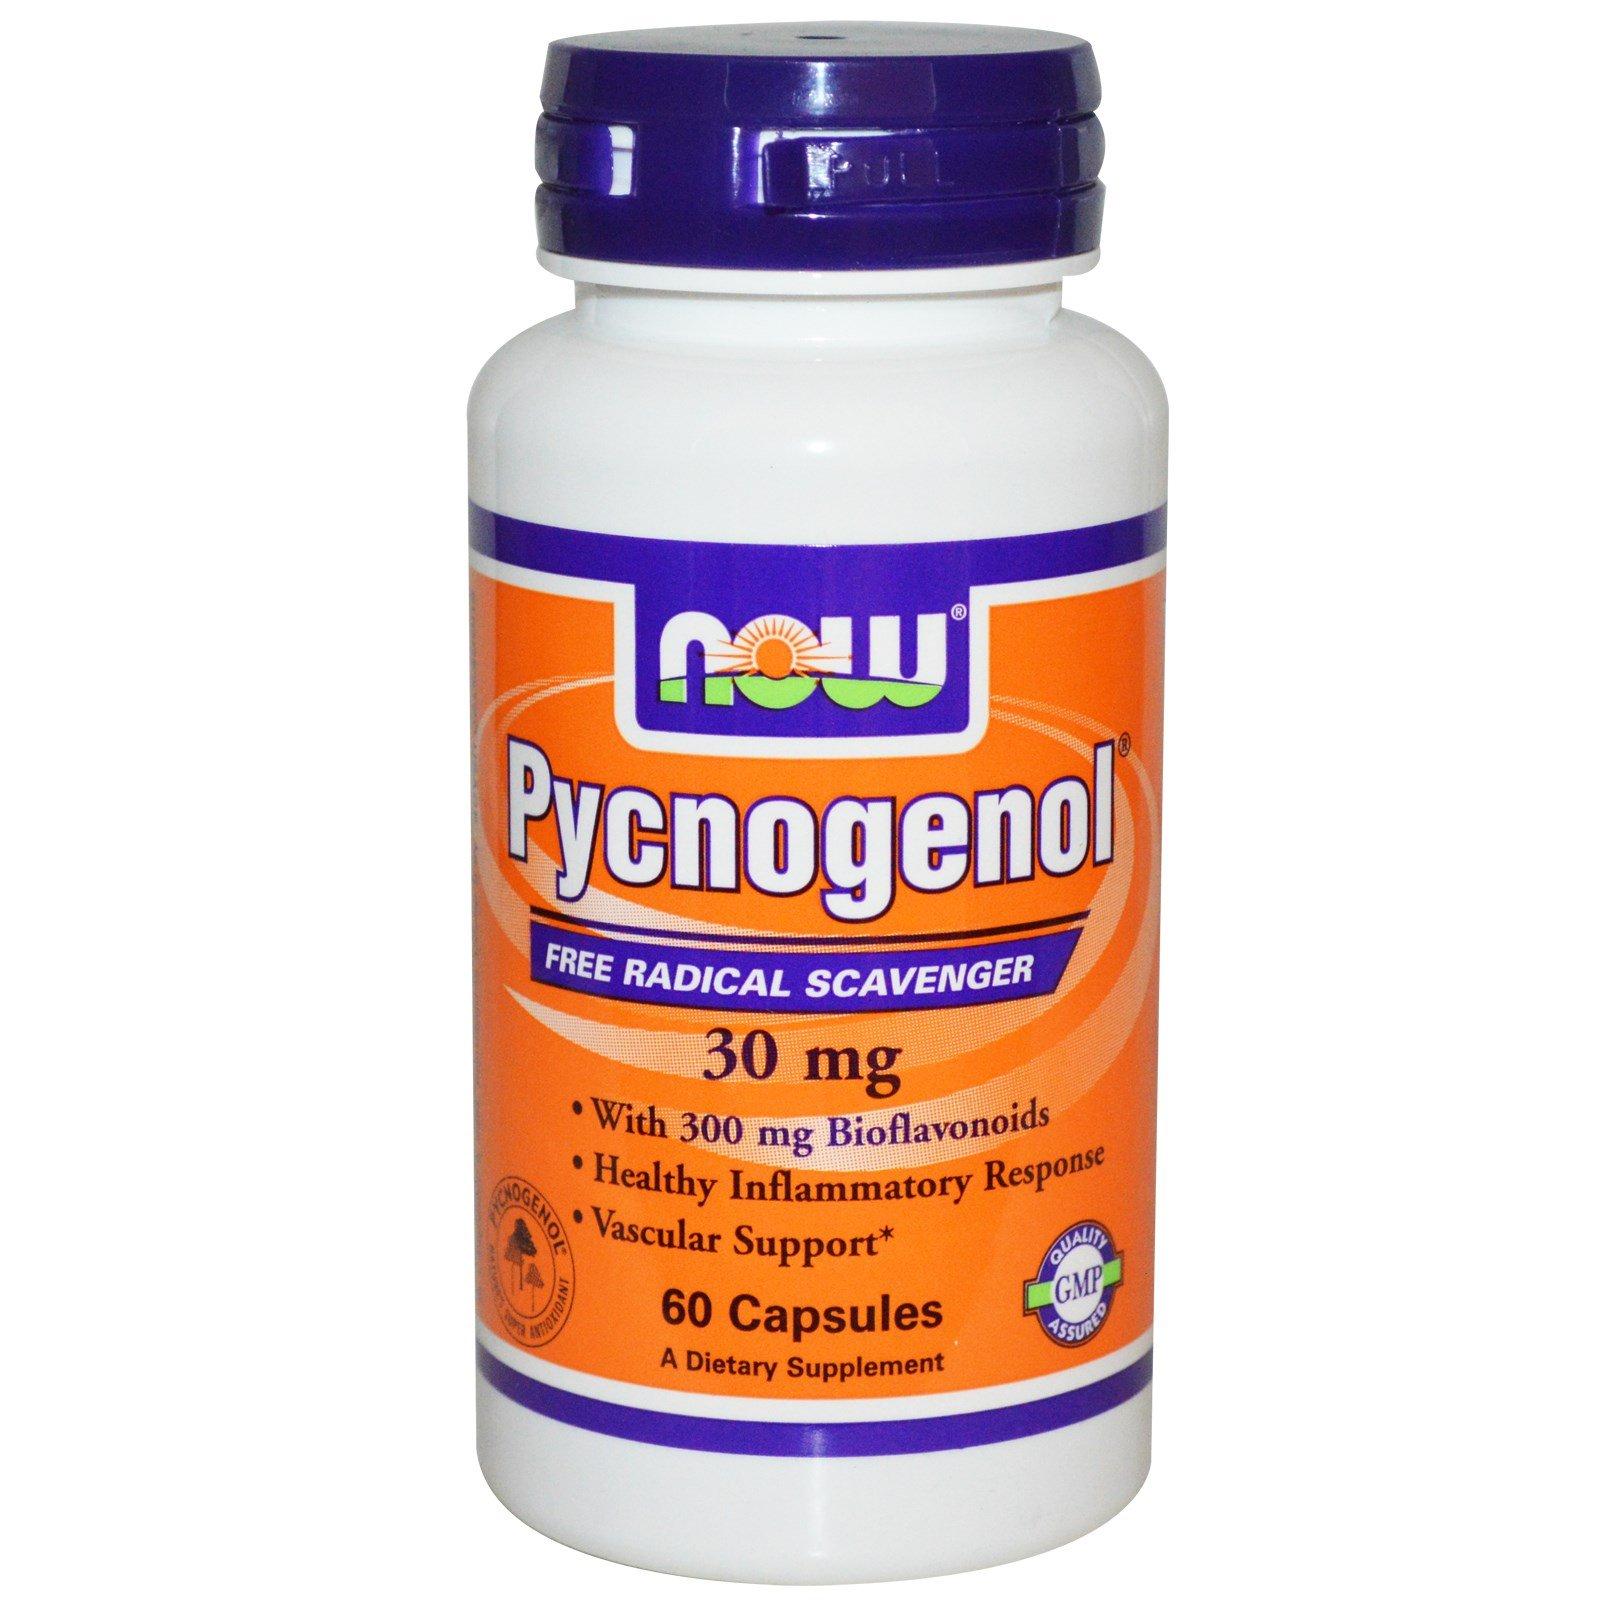 NOW Foods - Pycnogenol Free Radical Scavenger 30 mg. - 60 Capsules